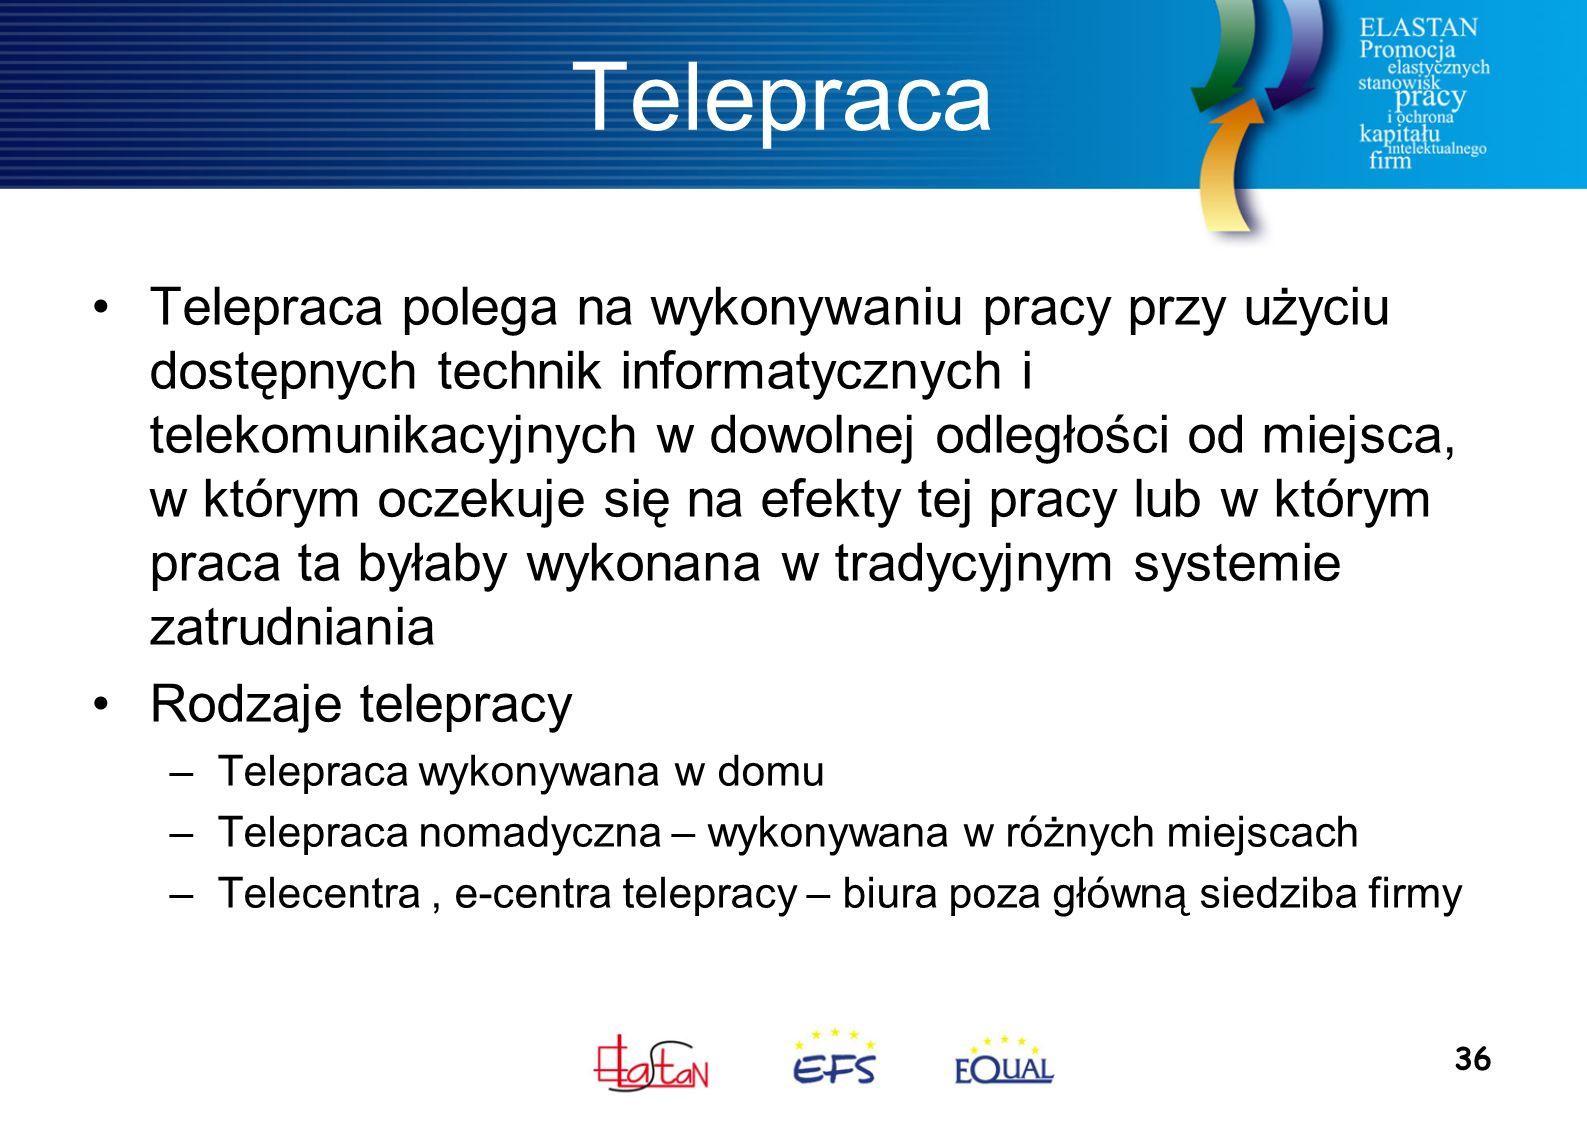 36 Telepraca Telepraca polega na wykonywaniu pracy przy użyciu dostępnych technik informatycznych i telekomunikacyjnych w dowolnej odległości od miejsca, w którym oczekuje się na efekty tej pracy lub w którym praca ta byłaby wykonana w tradycyjnym systemie zatrudniania Rodzaje telepracy –Telepraca wykonywana w domu –Telepraca nomadyczna – wykonywana w różnych miejscach –Telecentra, e-centra telepracy – biura poza główną siedziba firmy